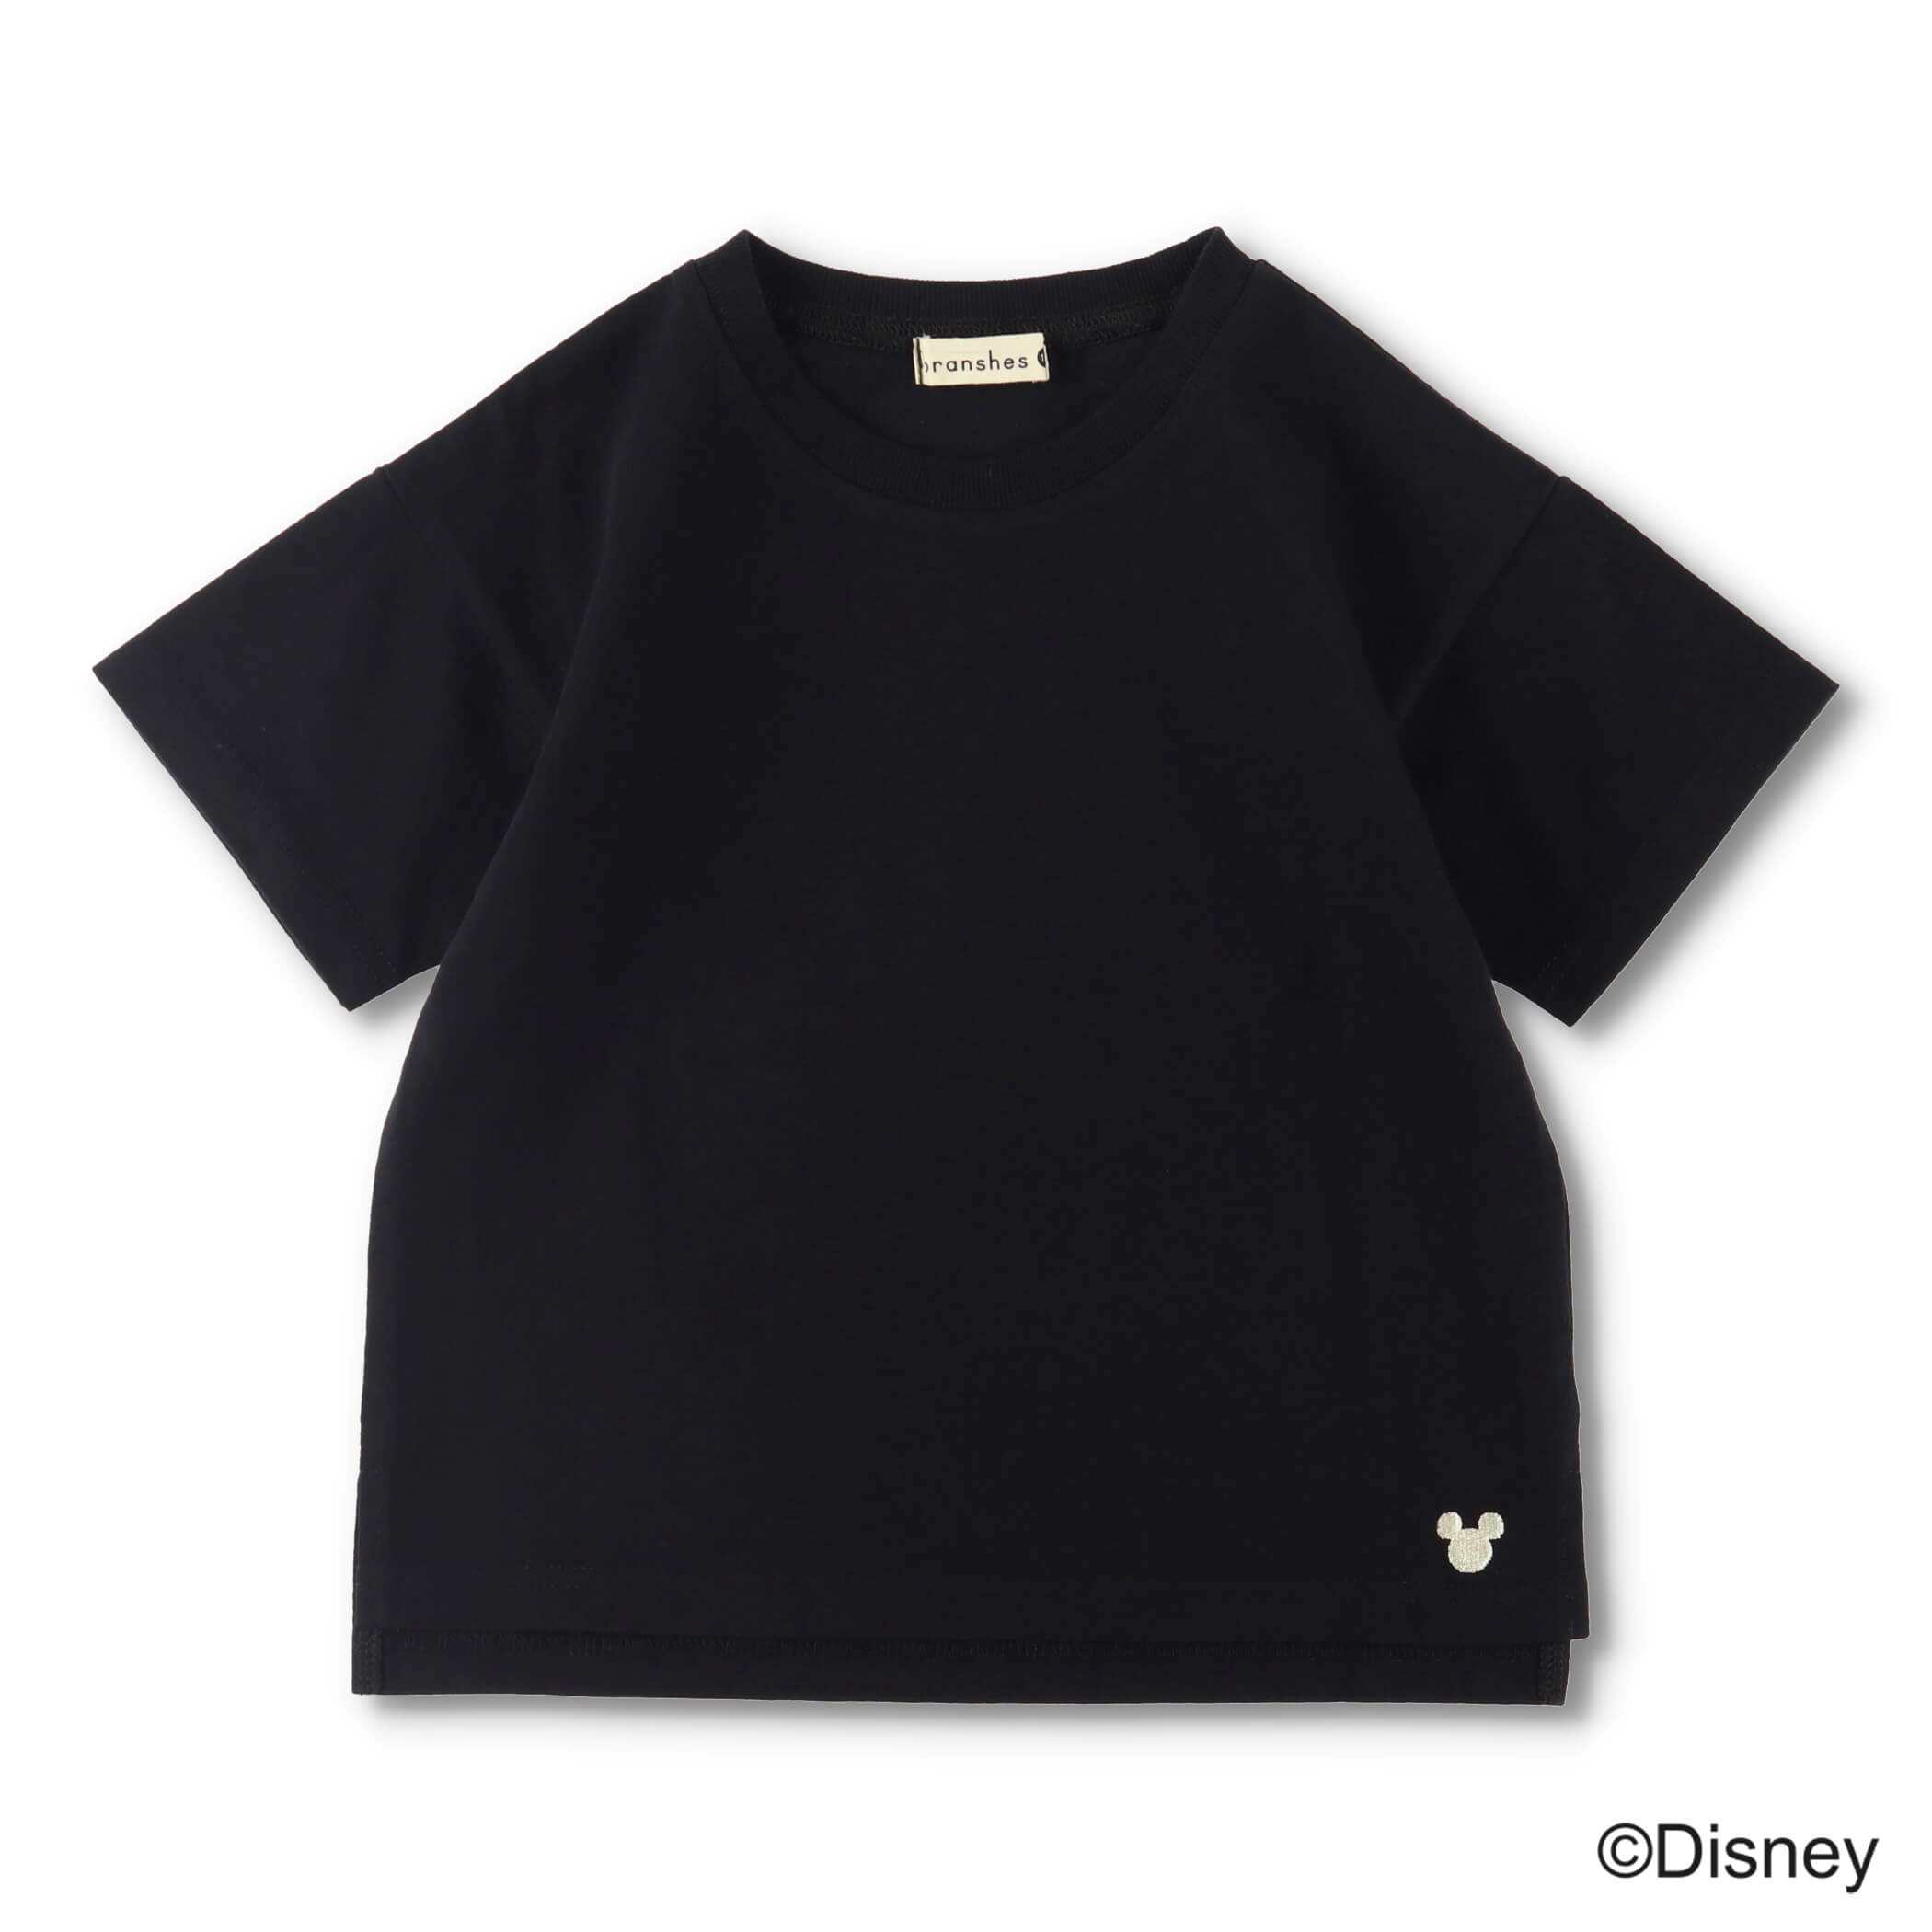 【Disney】フォトプリント半袖Tシャツ